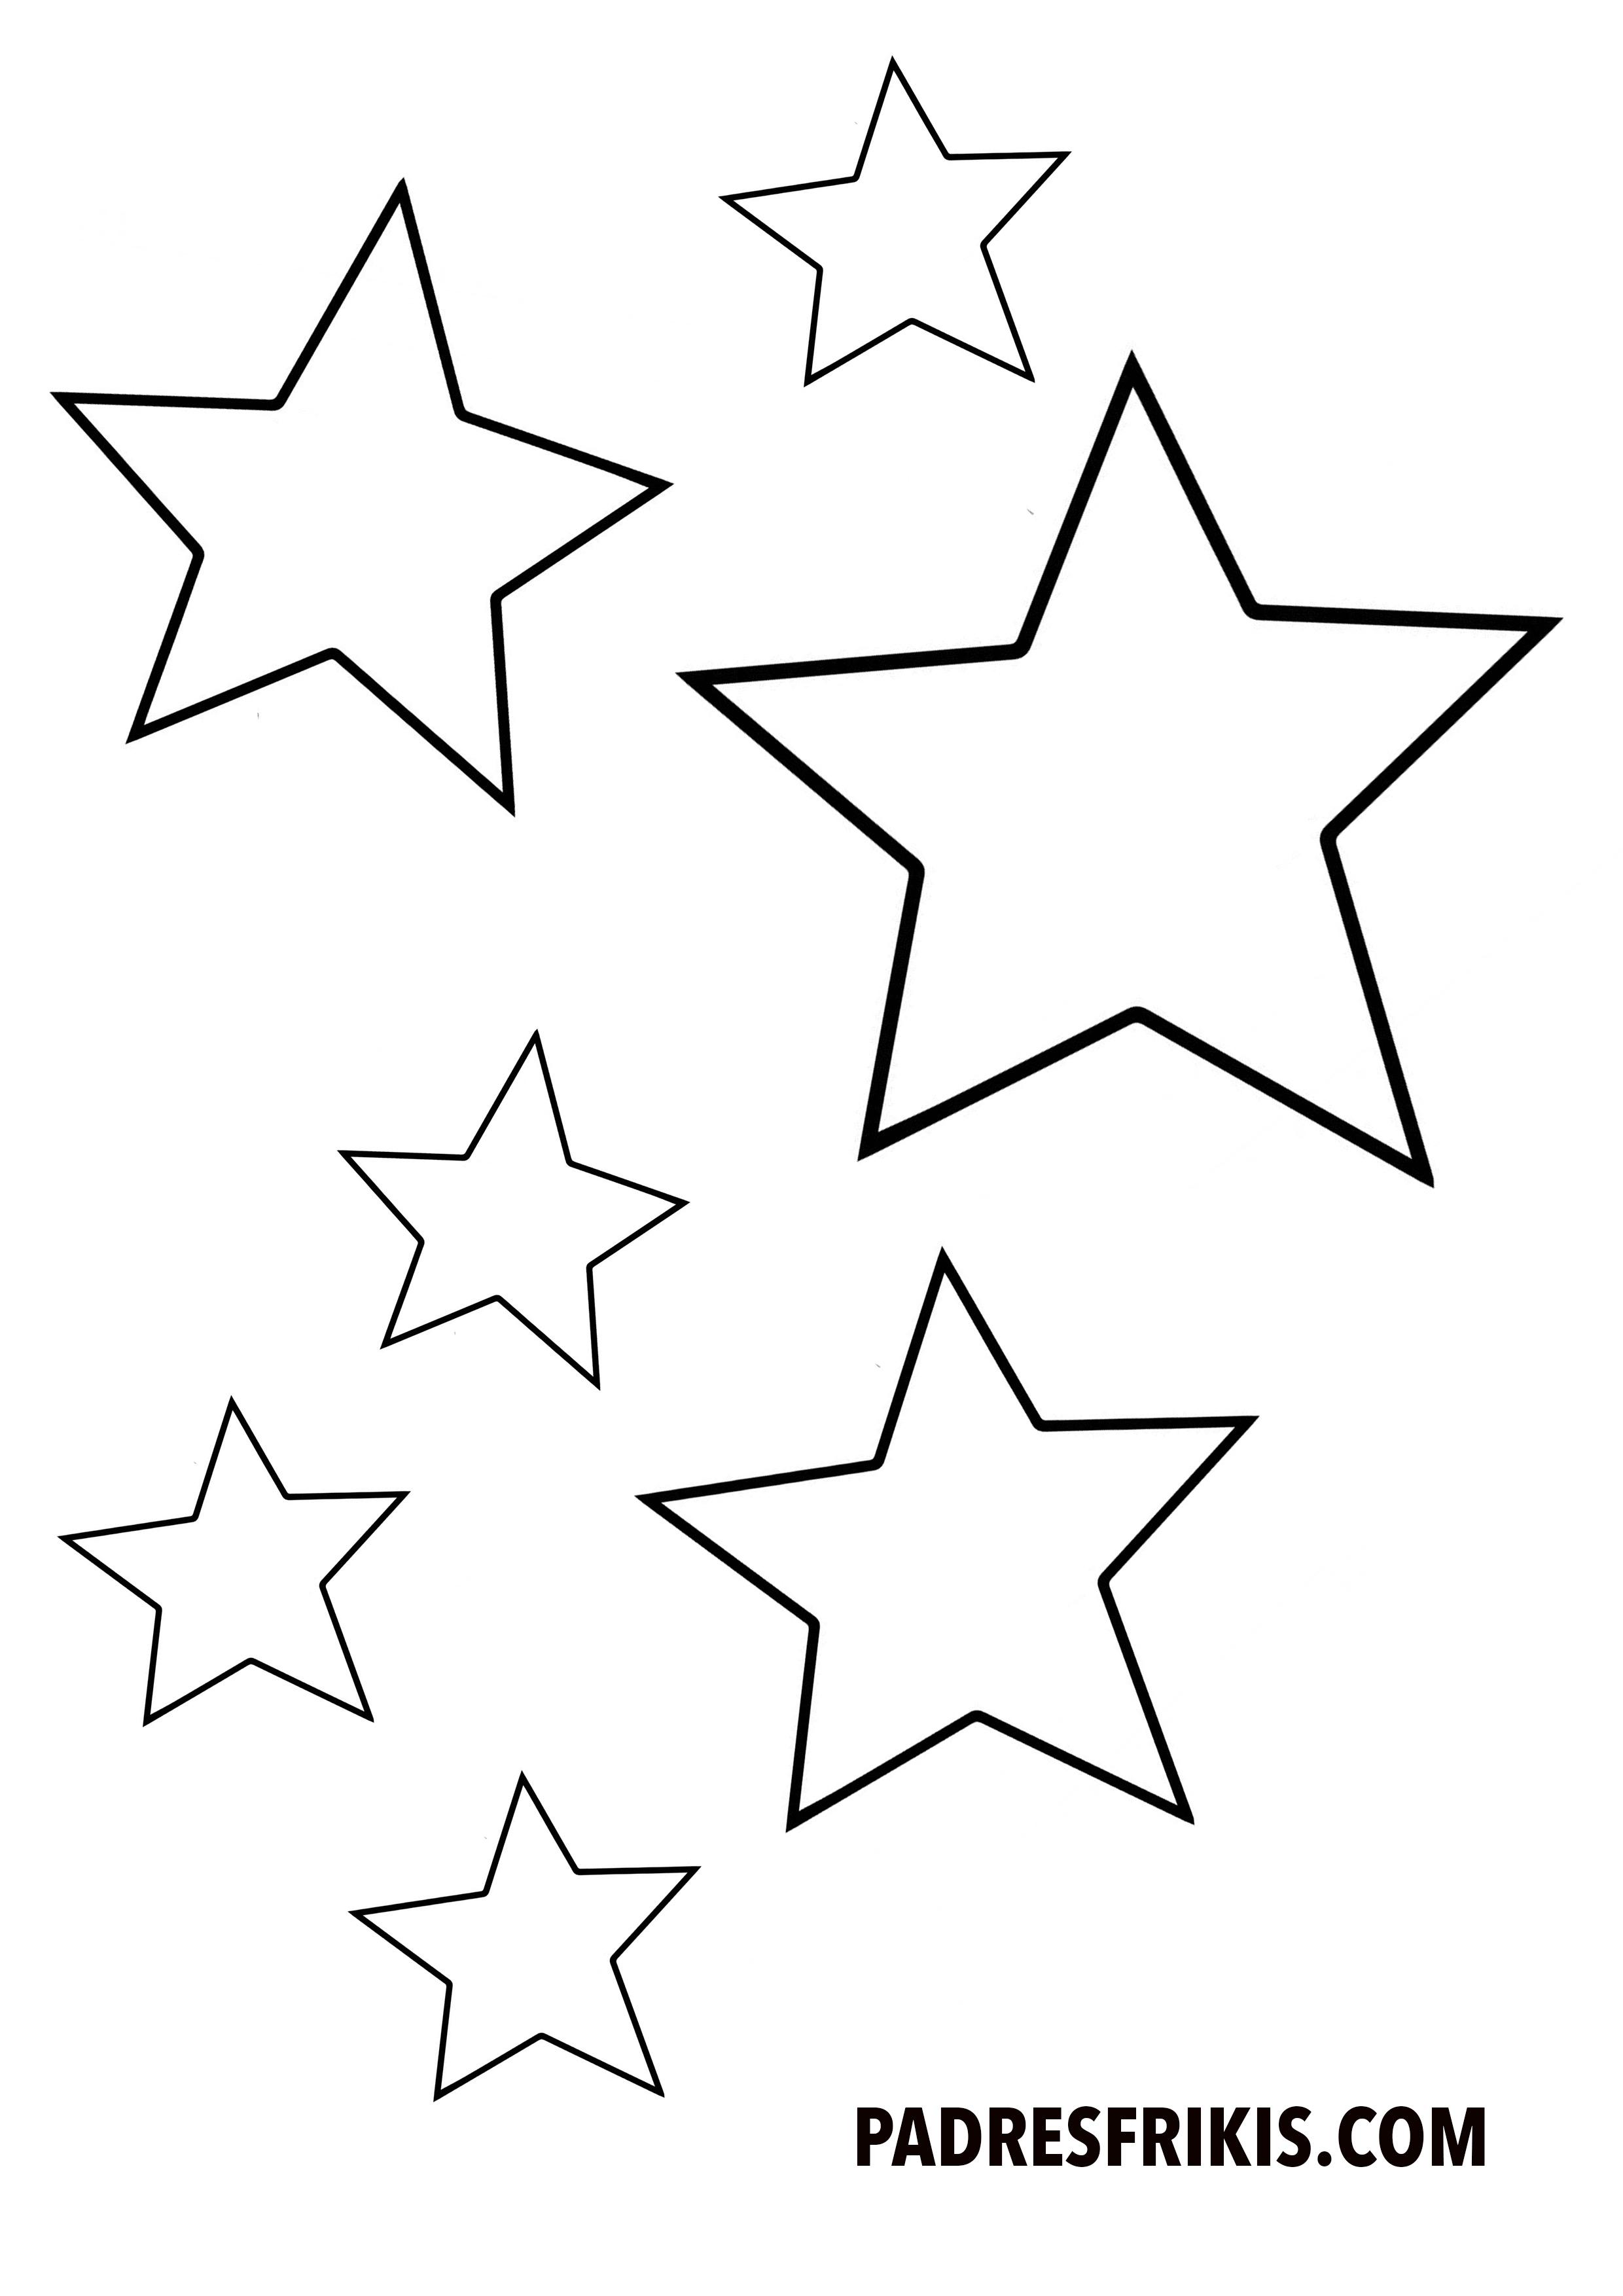 Plantillas Estrellas Para Decorar.20 Manualidades Para Imprimir Y Hacer Con Tus Hijos